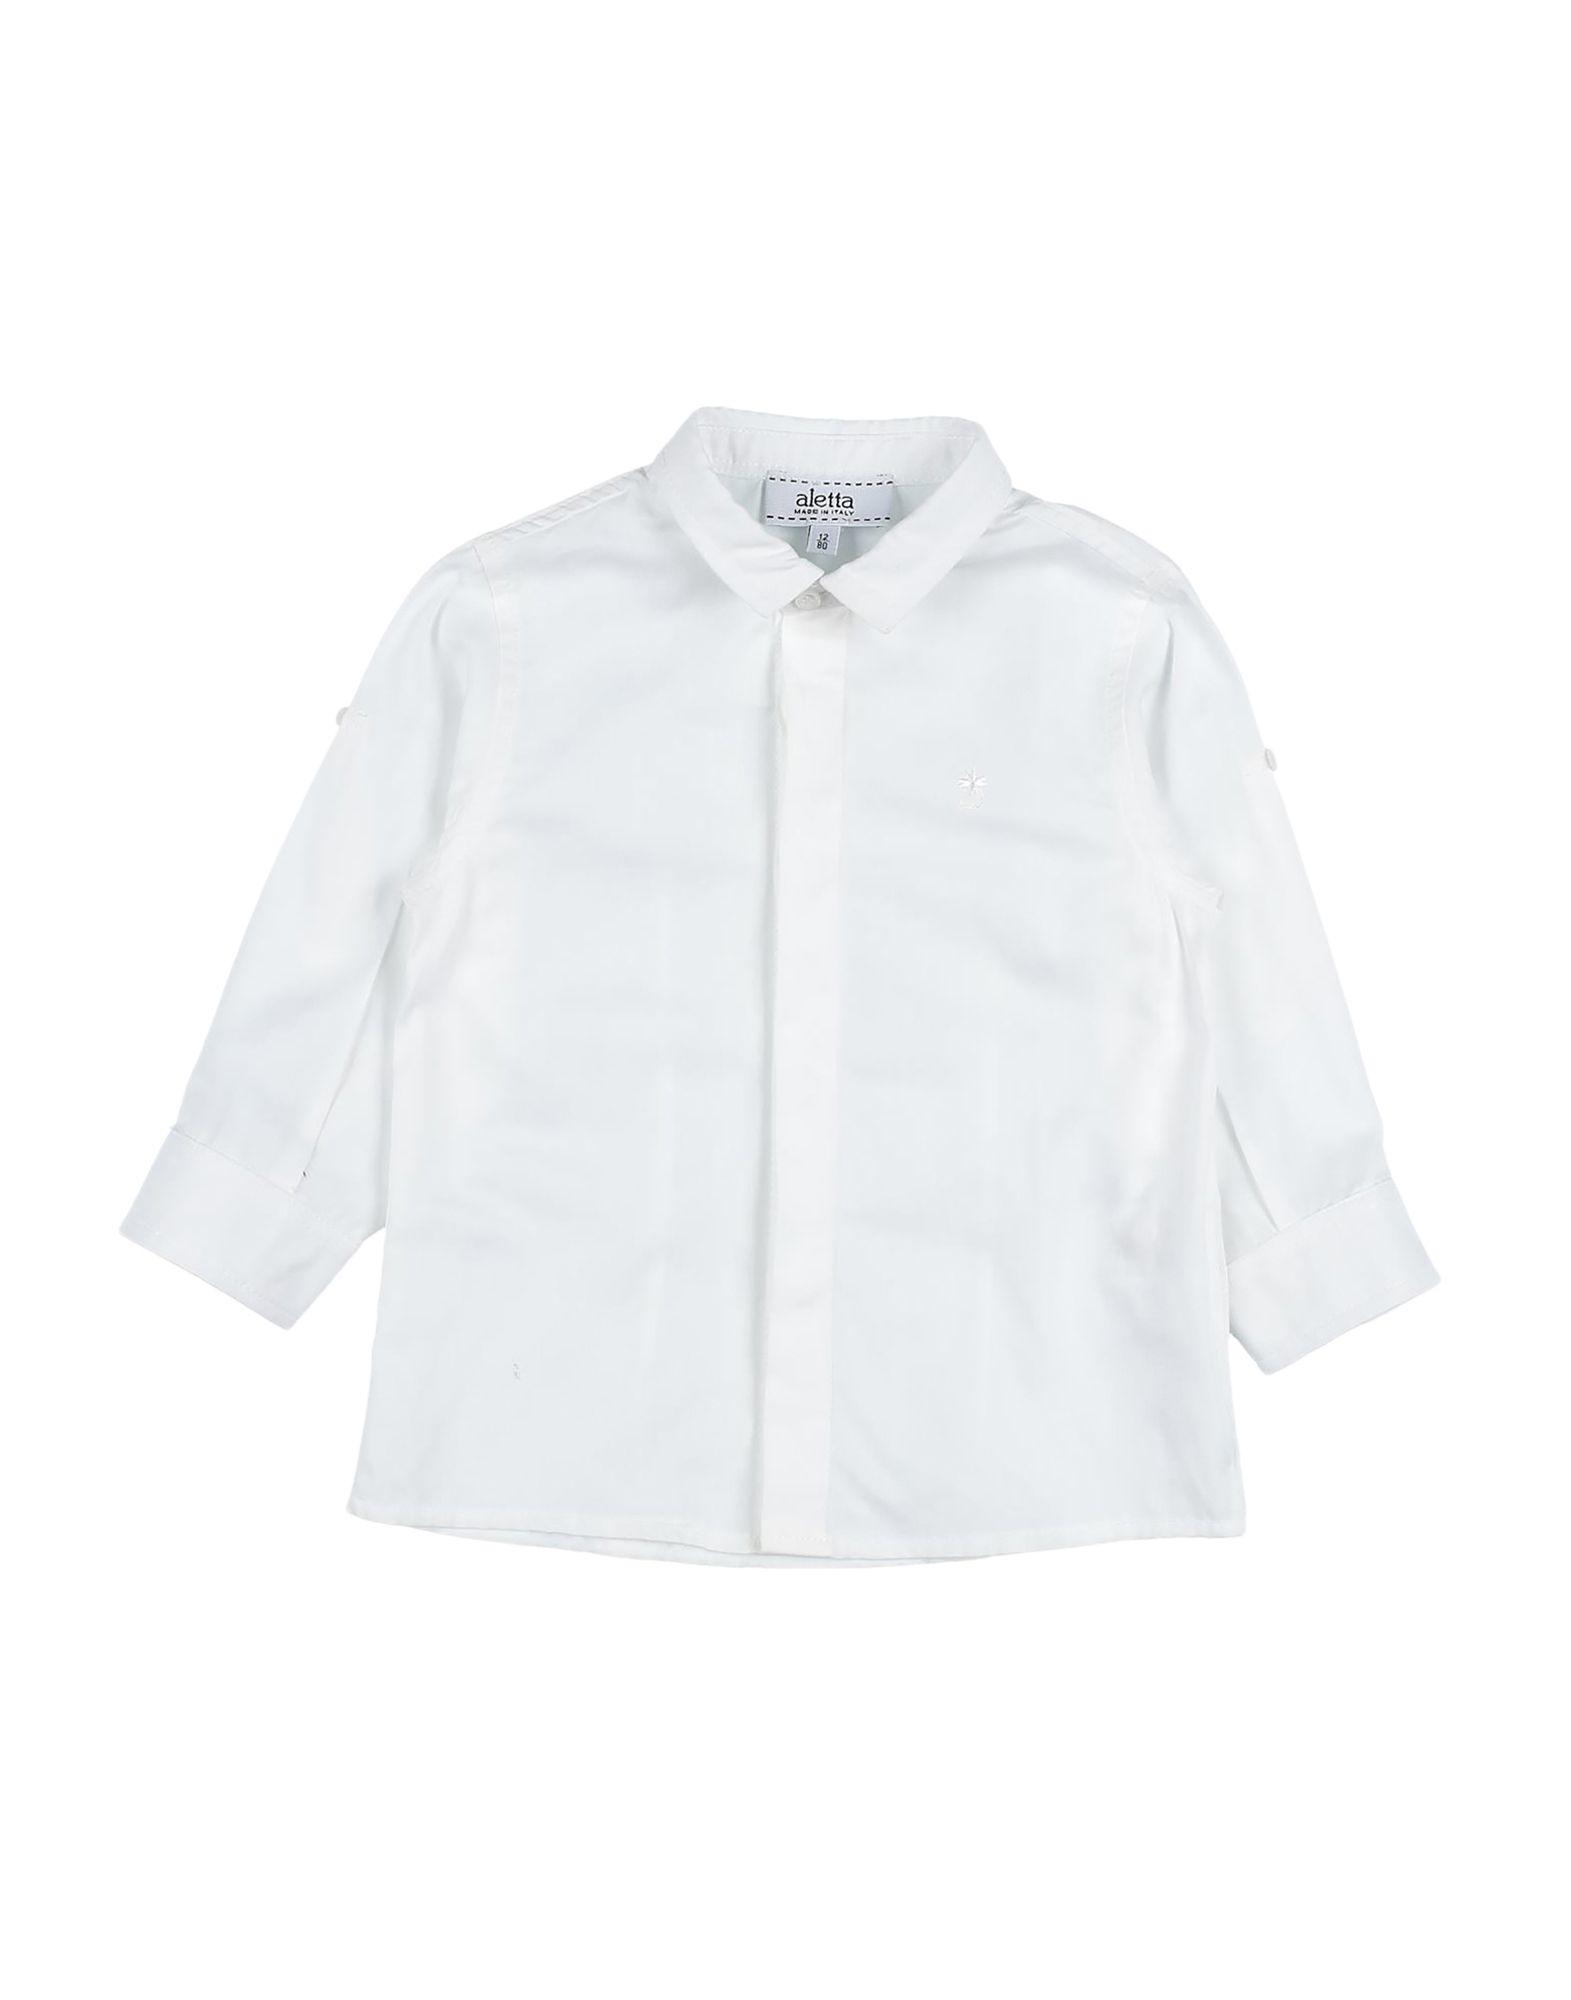 《セール開催中》ALETTA ボーイズ 0-24 ヶ月 シャツ ホワイト 12 コットン 100%